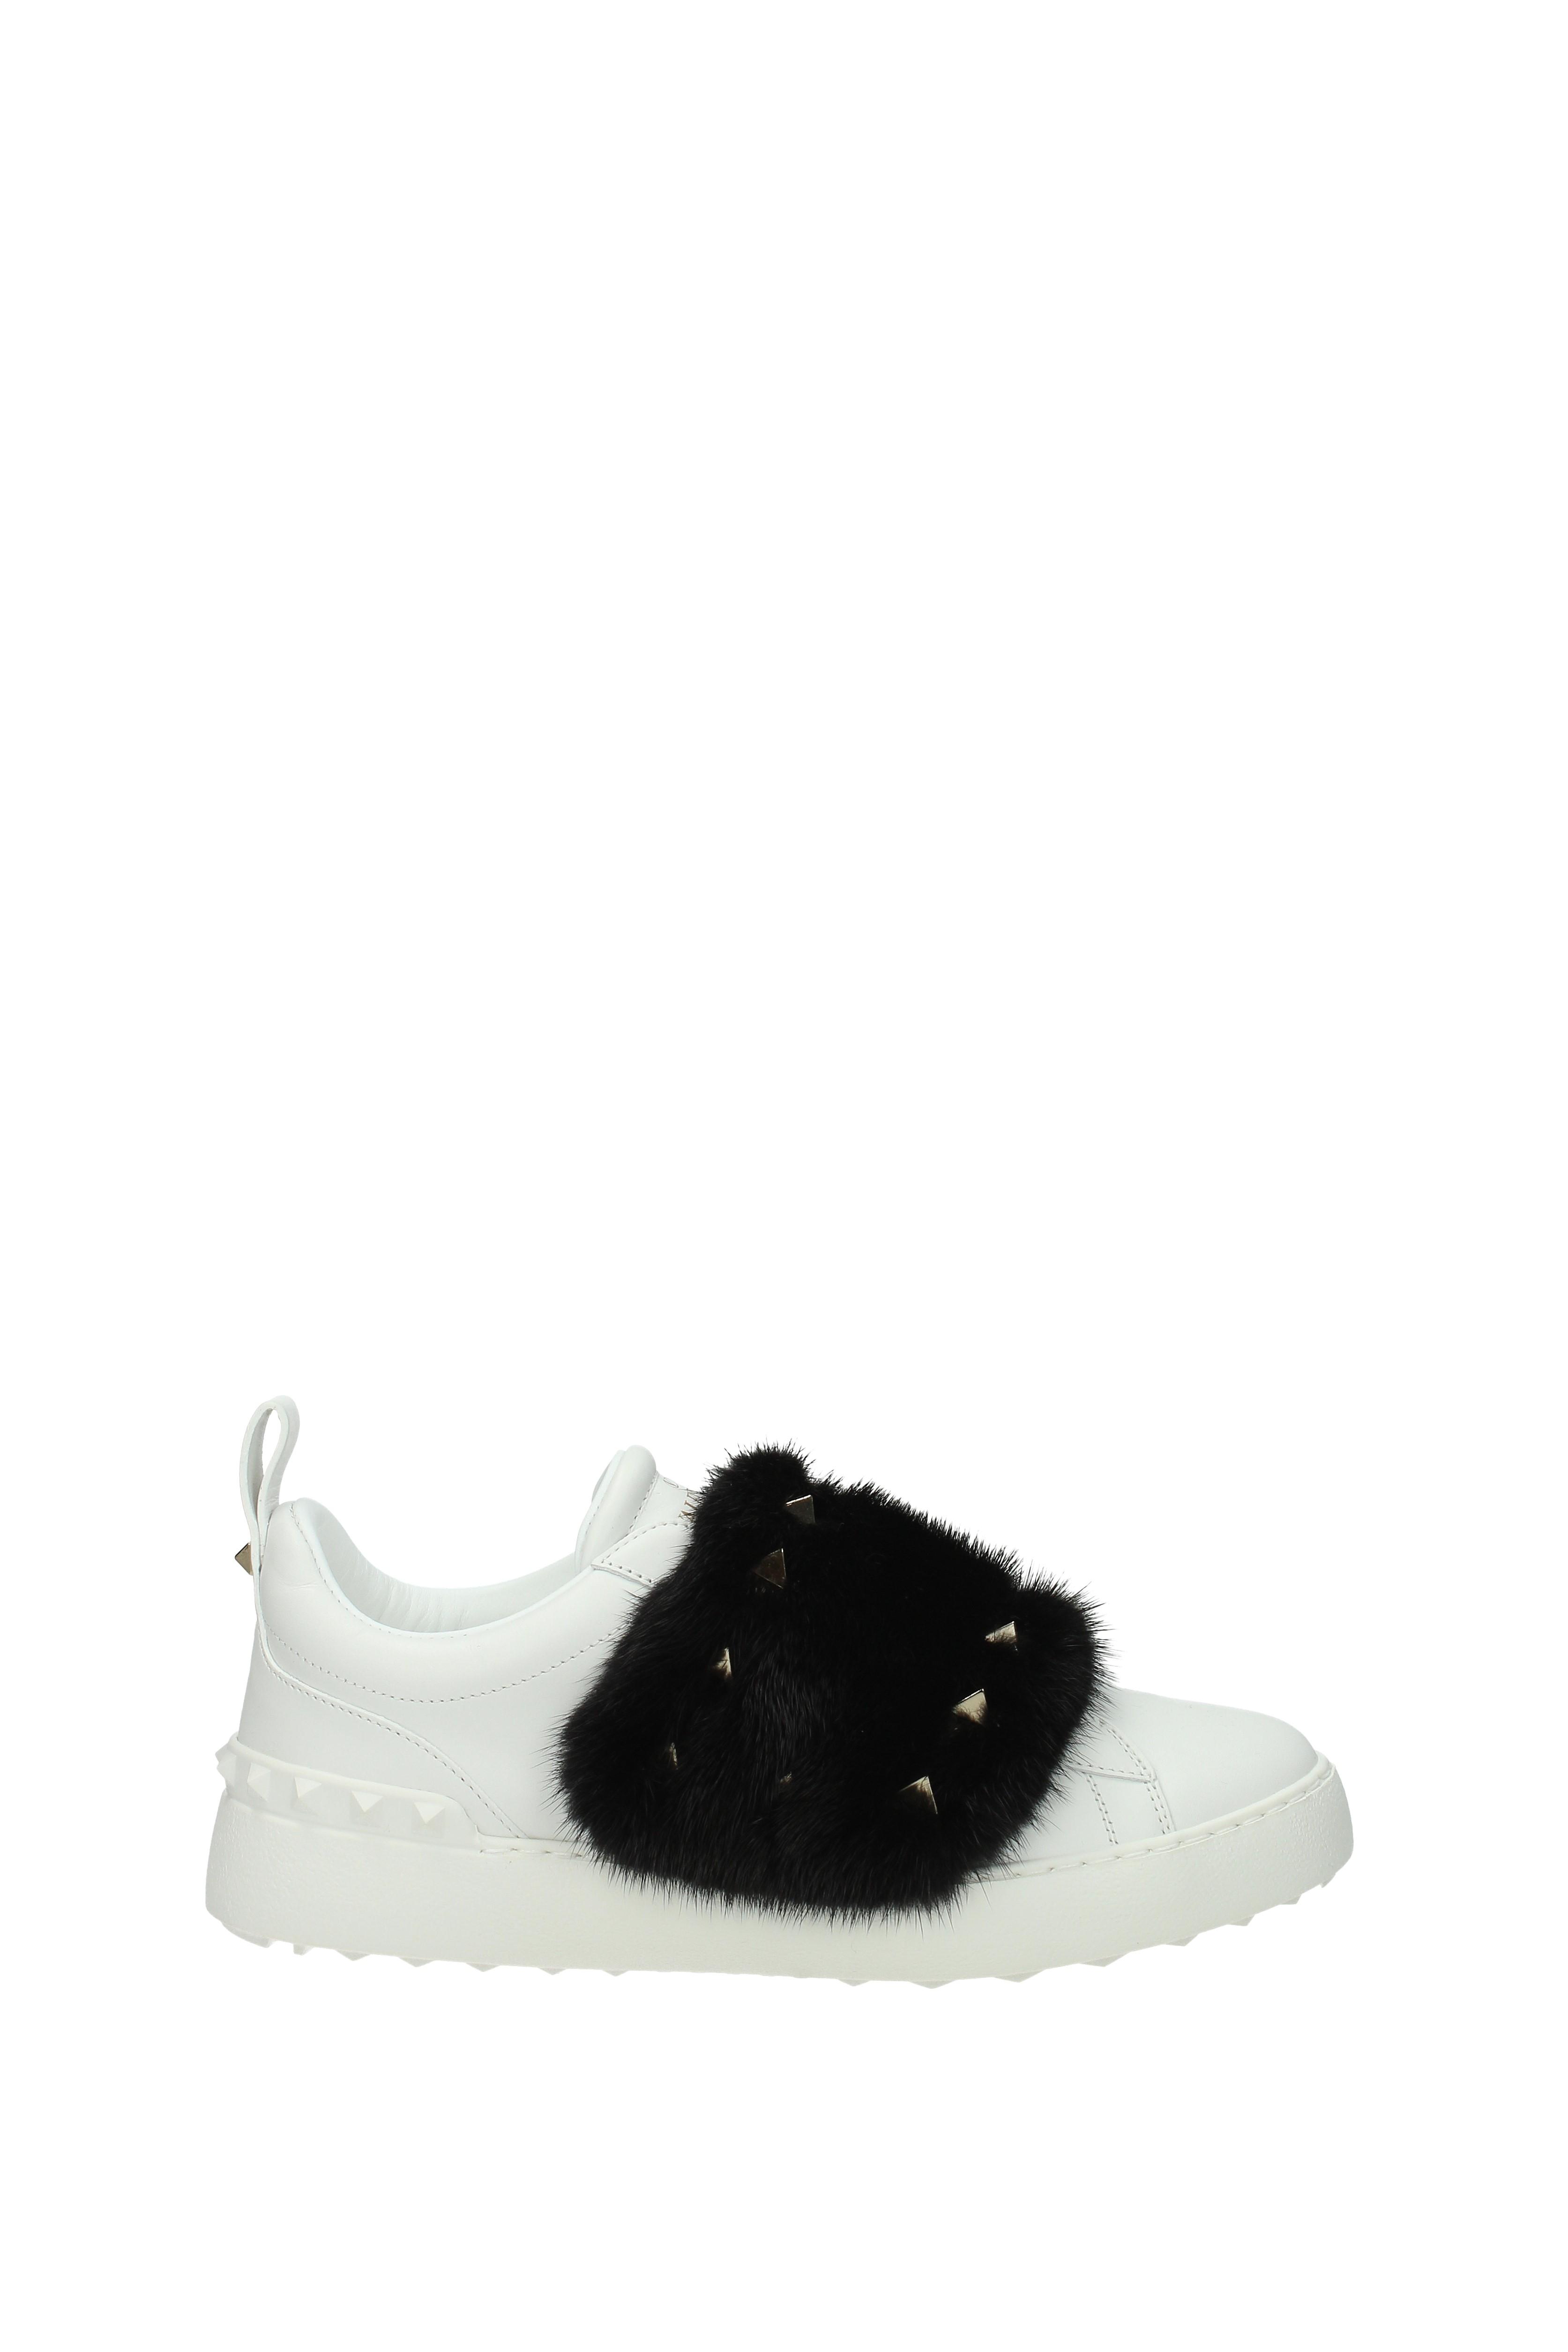 Sneakers Valentino Garavani Damen Damen Damen - Leder (2S0E11UEW) d6cd2c